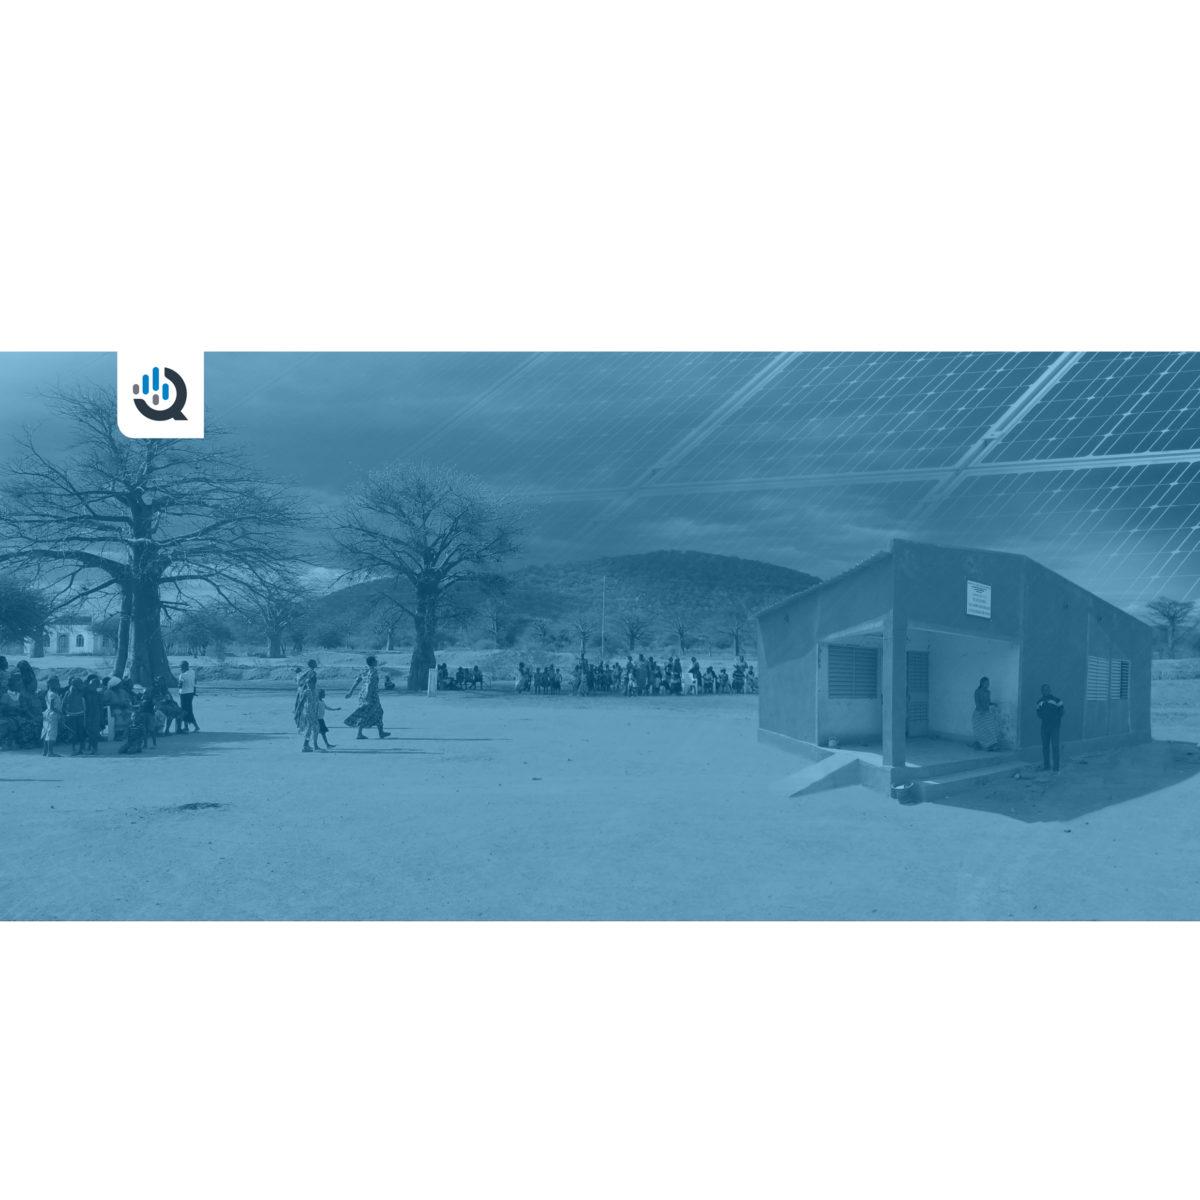 Wérou's health center